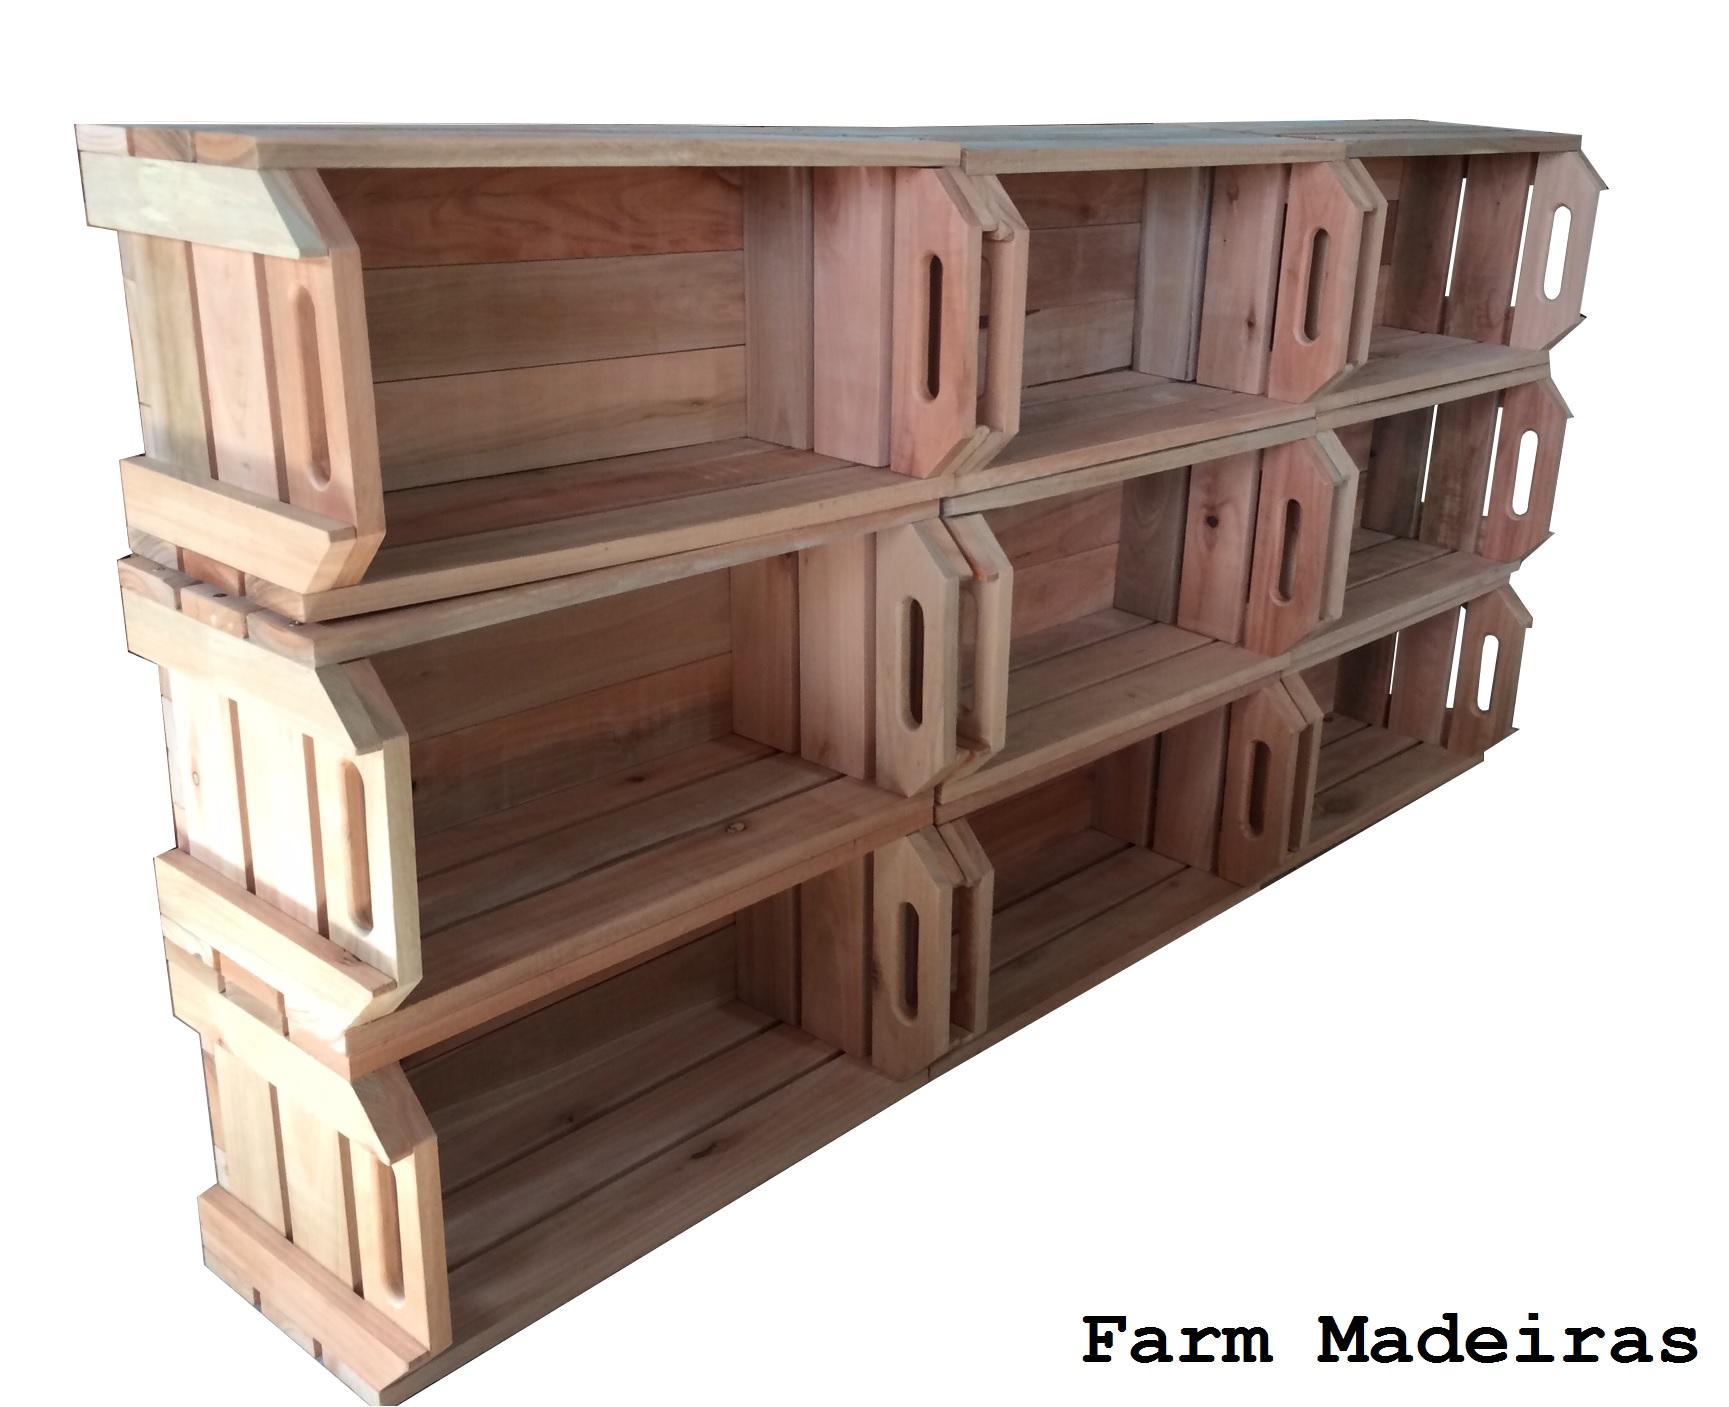 caixote caixa de feira novo em madeira fruta caixote caixa de feira  #915F3A 1729x1407